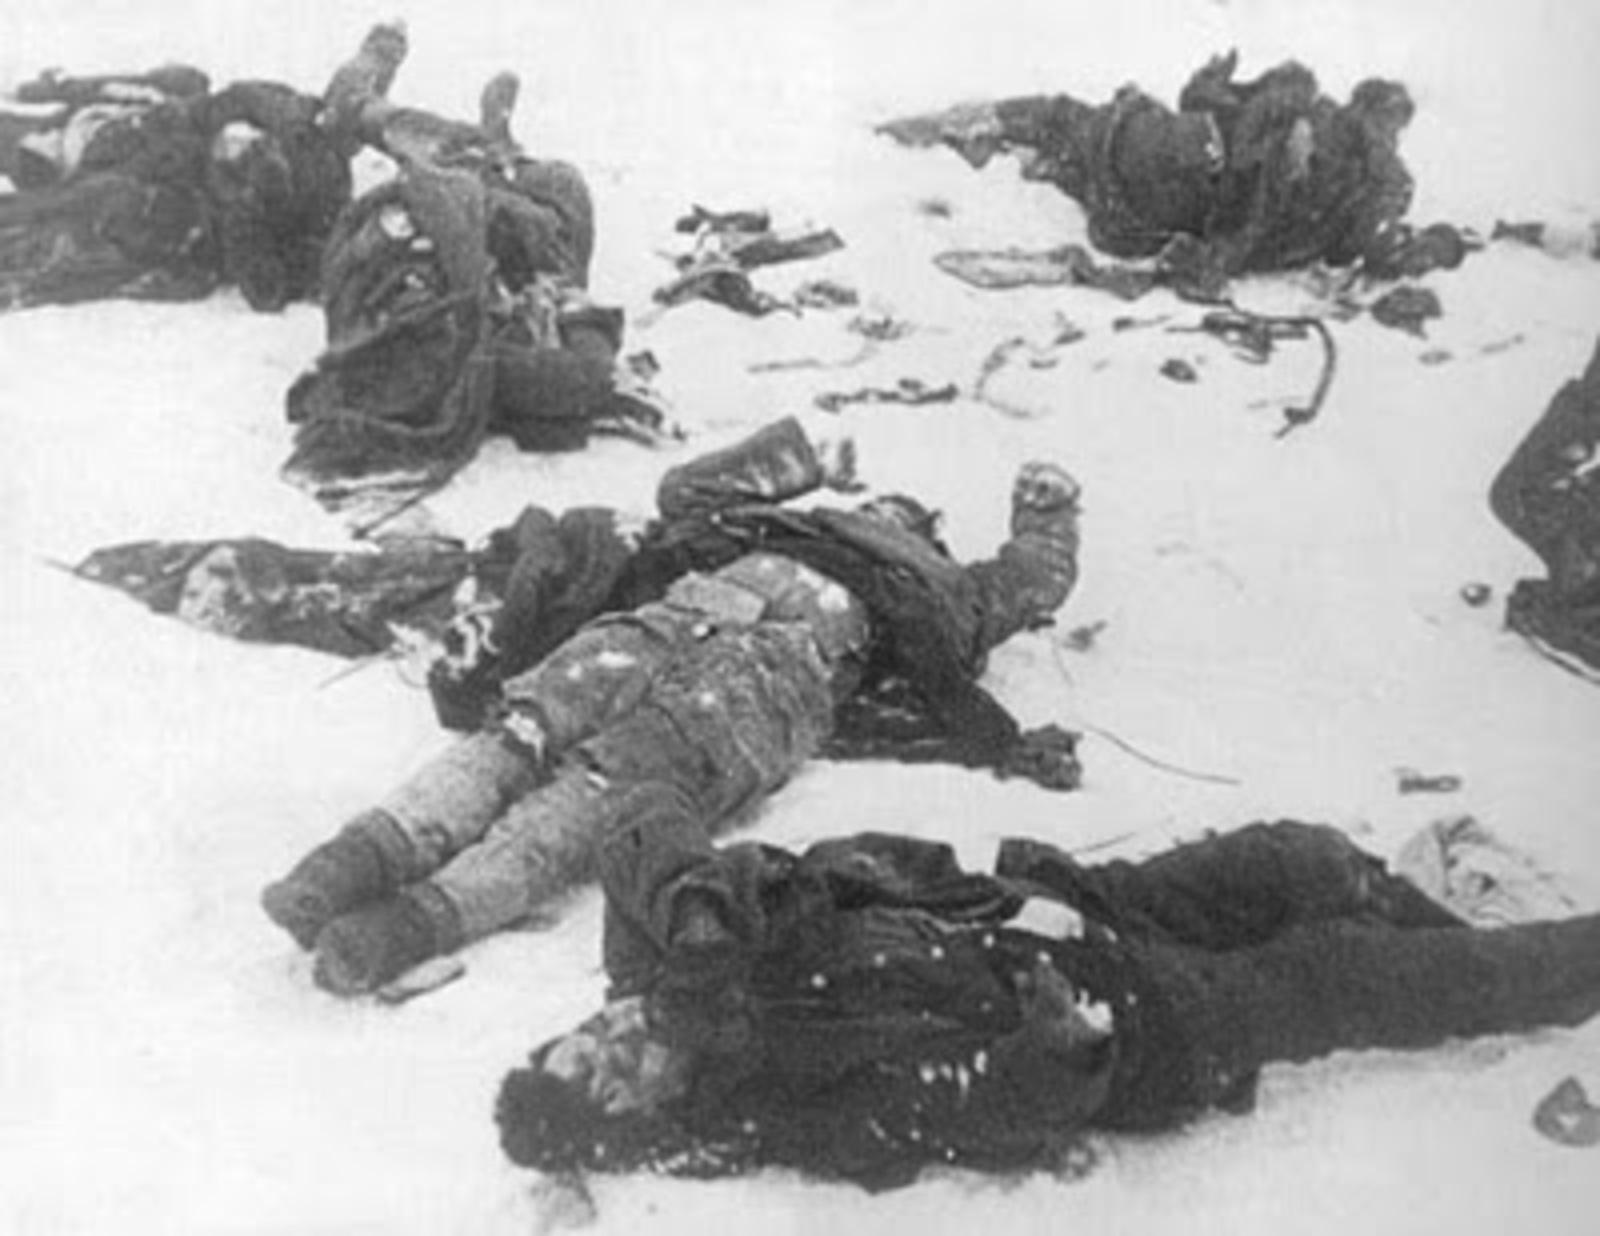 Fotos de la segunda guerra mundial muertos 66